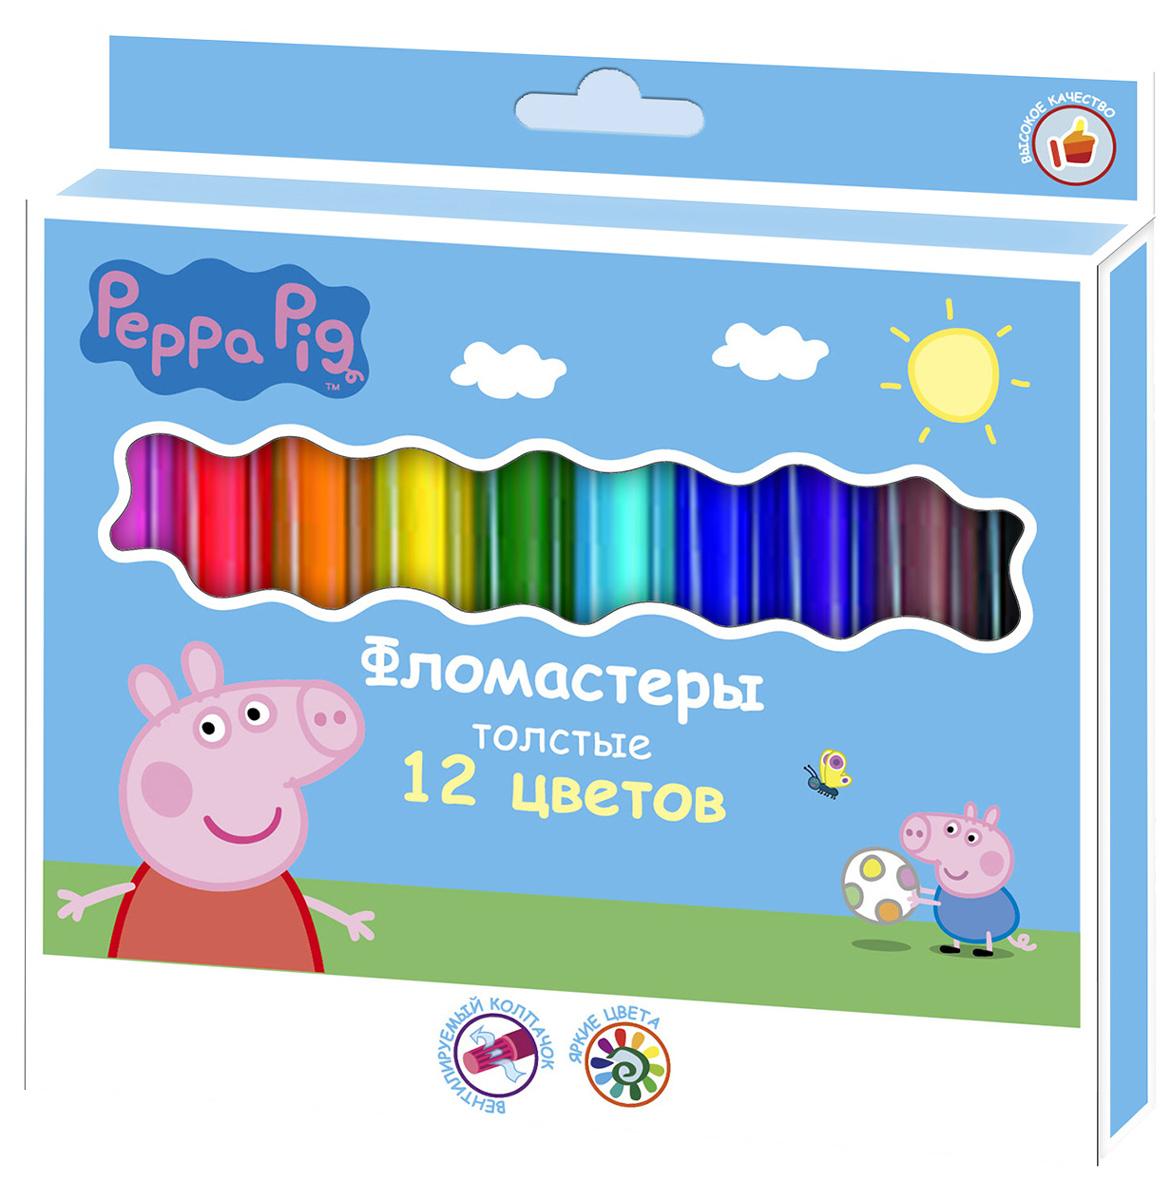 Peppa Pig Набор фломастеров Свинка Пеппа толстые 12 цветовFS-36052Фломастеры ТМ Свинка Пеппа предназначены для самых юных художников, которые только учатся их держать в еще непослушных ручках: утолщенная форма корпуса создана специально для маленьких детских пальчиков. Фломастеры, идеально подходящие для раскрашивания и рисования, помогут вашему ребенку создать яркие картинки, а упаковка с любимыми героями будет долгое время радовать малыша. В набор входит 12 разноцветных толстых фломастеров с вентилируемыми колпачками, безопасными для детей. Диаметр корпуса: 1,5 см; длина: 14,5 см.Фломастеры изготовлены из материала, обеспечивающего прочность корпуса и препятствующего испарению чернил, благодаря этому они имеют гарантированно долгий срок службы: корпус не ломается, даже если согнуть фломастер пополам. Состав: ПВХ, пластик, чернила на водной основе.